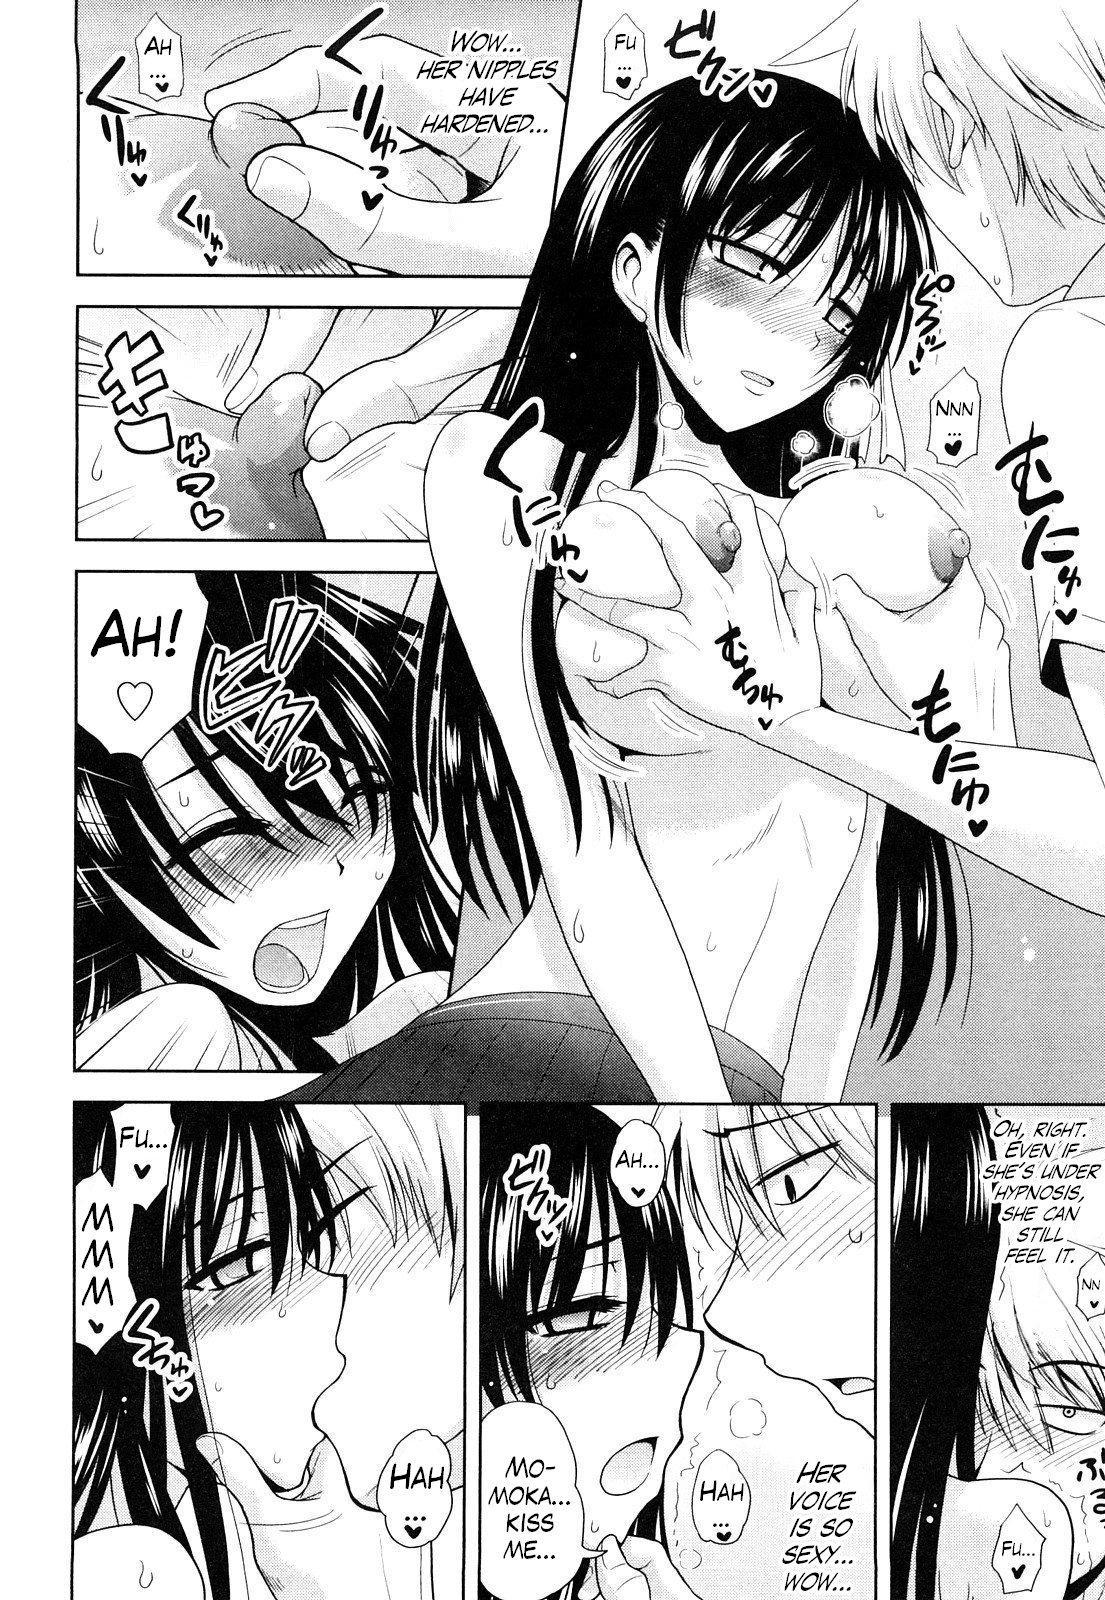 Ecchi de Ecchi na Saiminjutsu Chapter 1, 2 & Epilogue 7